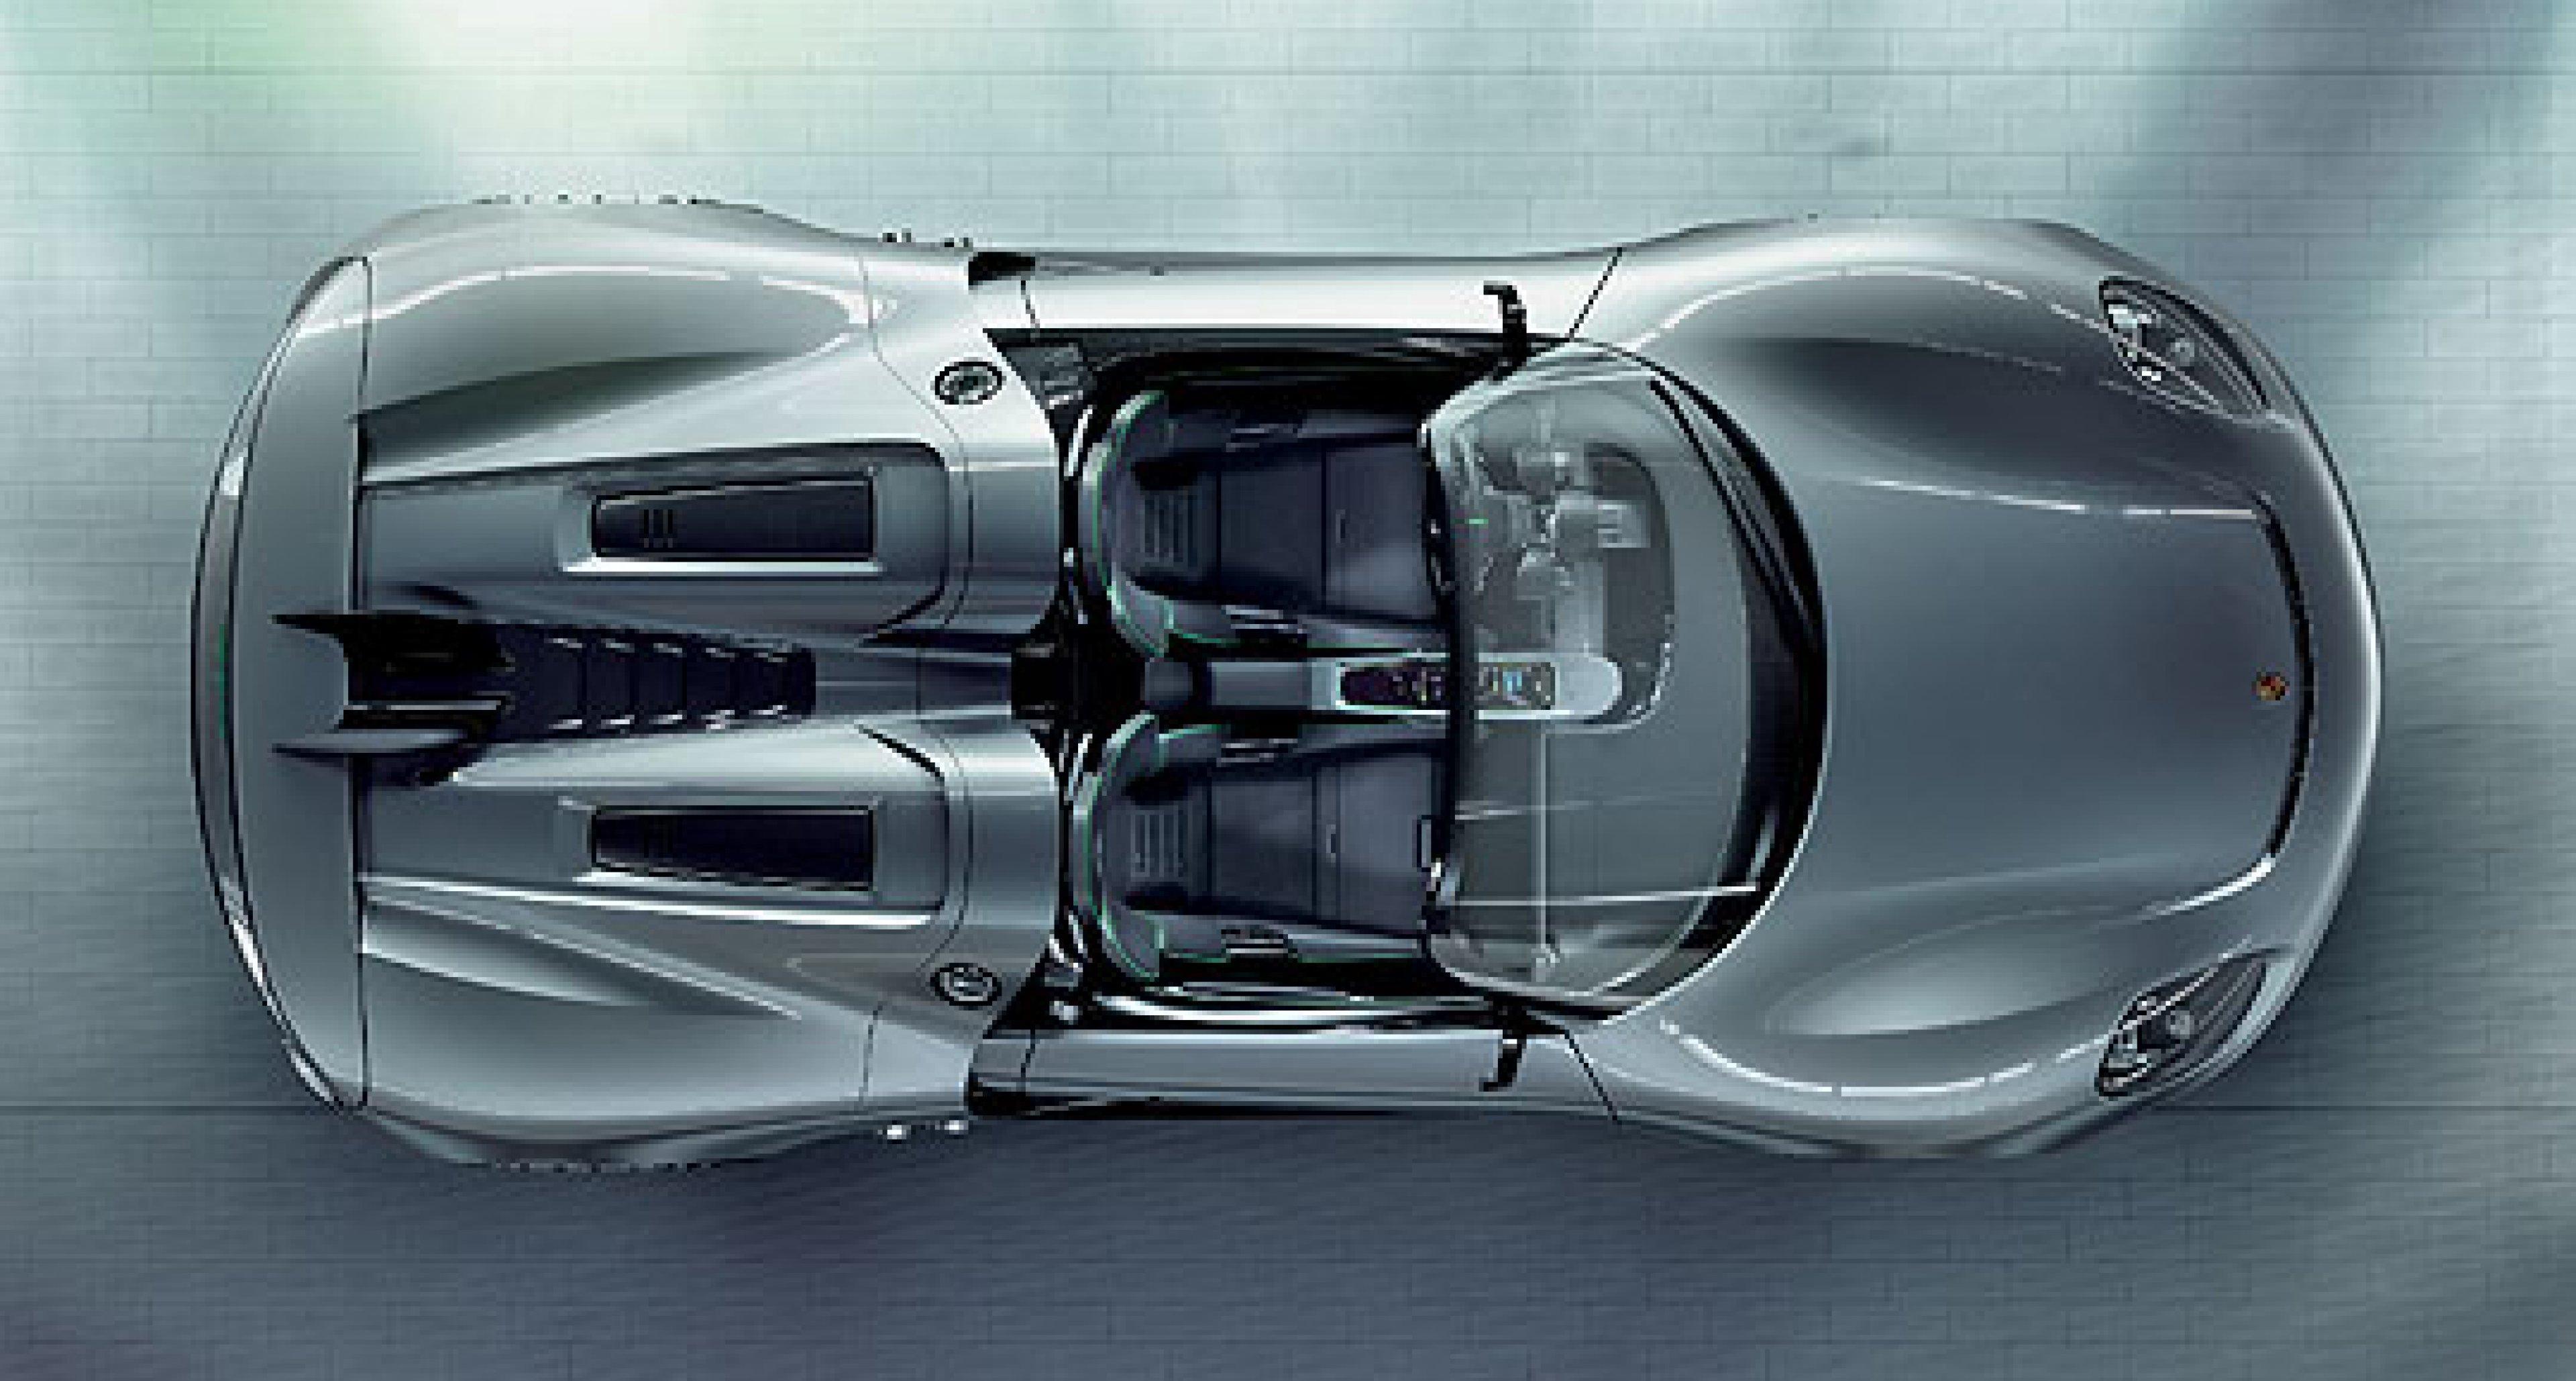 Porsche 918 Spyder: Design Analysis